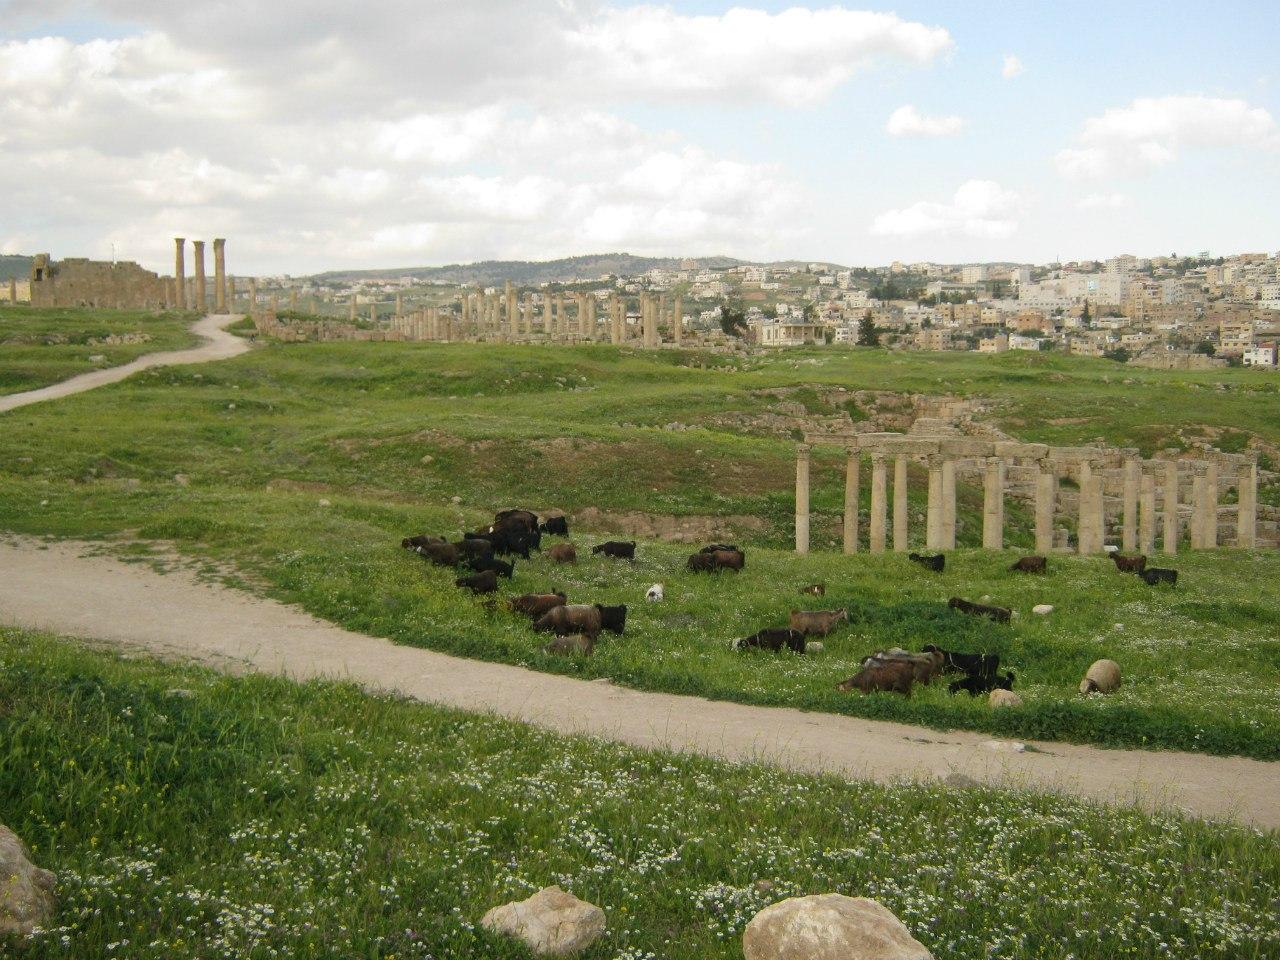 козы и бараны ходят по территории древне-римского города